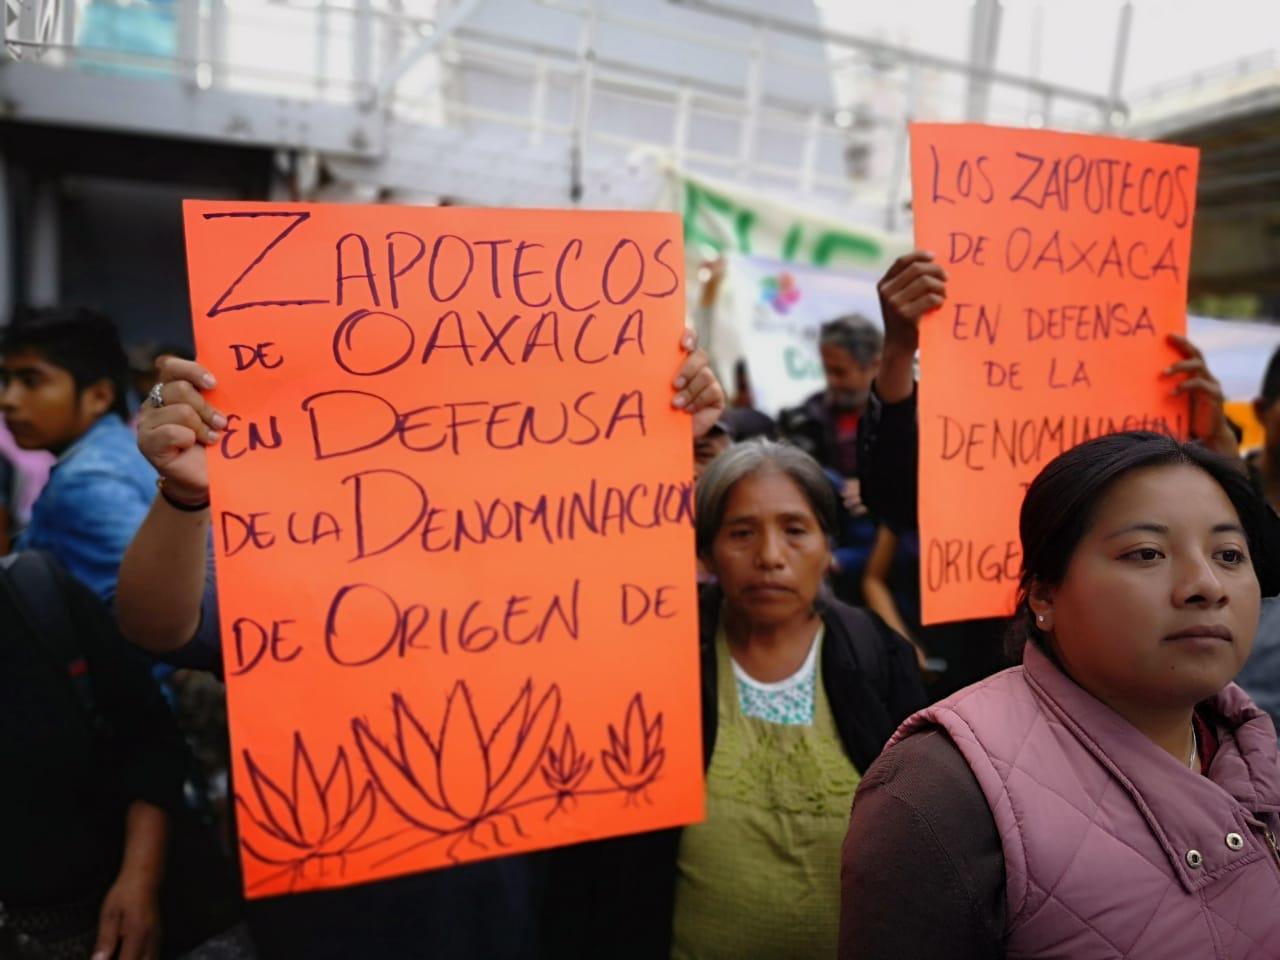 Suspende IMPI temporalmente denominación de origen a municipios no oaxaqueños | El Imparcial de Oaxaca